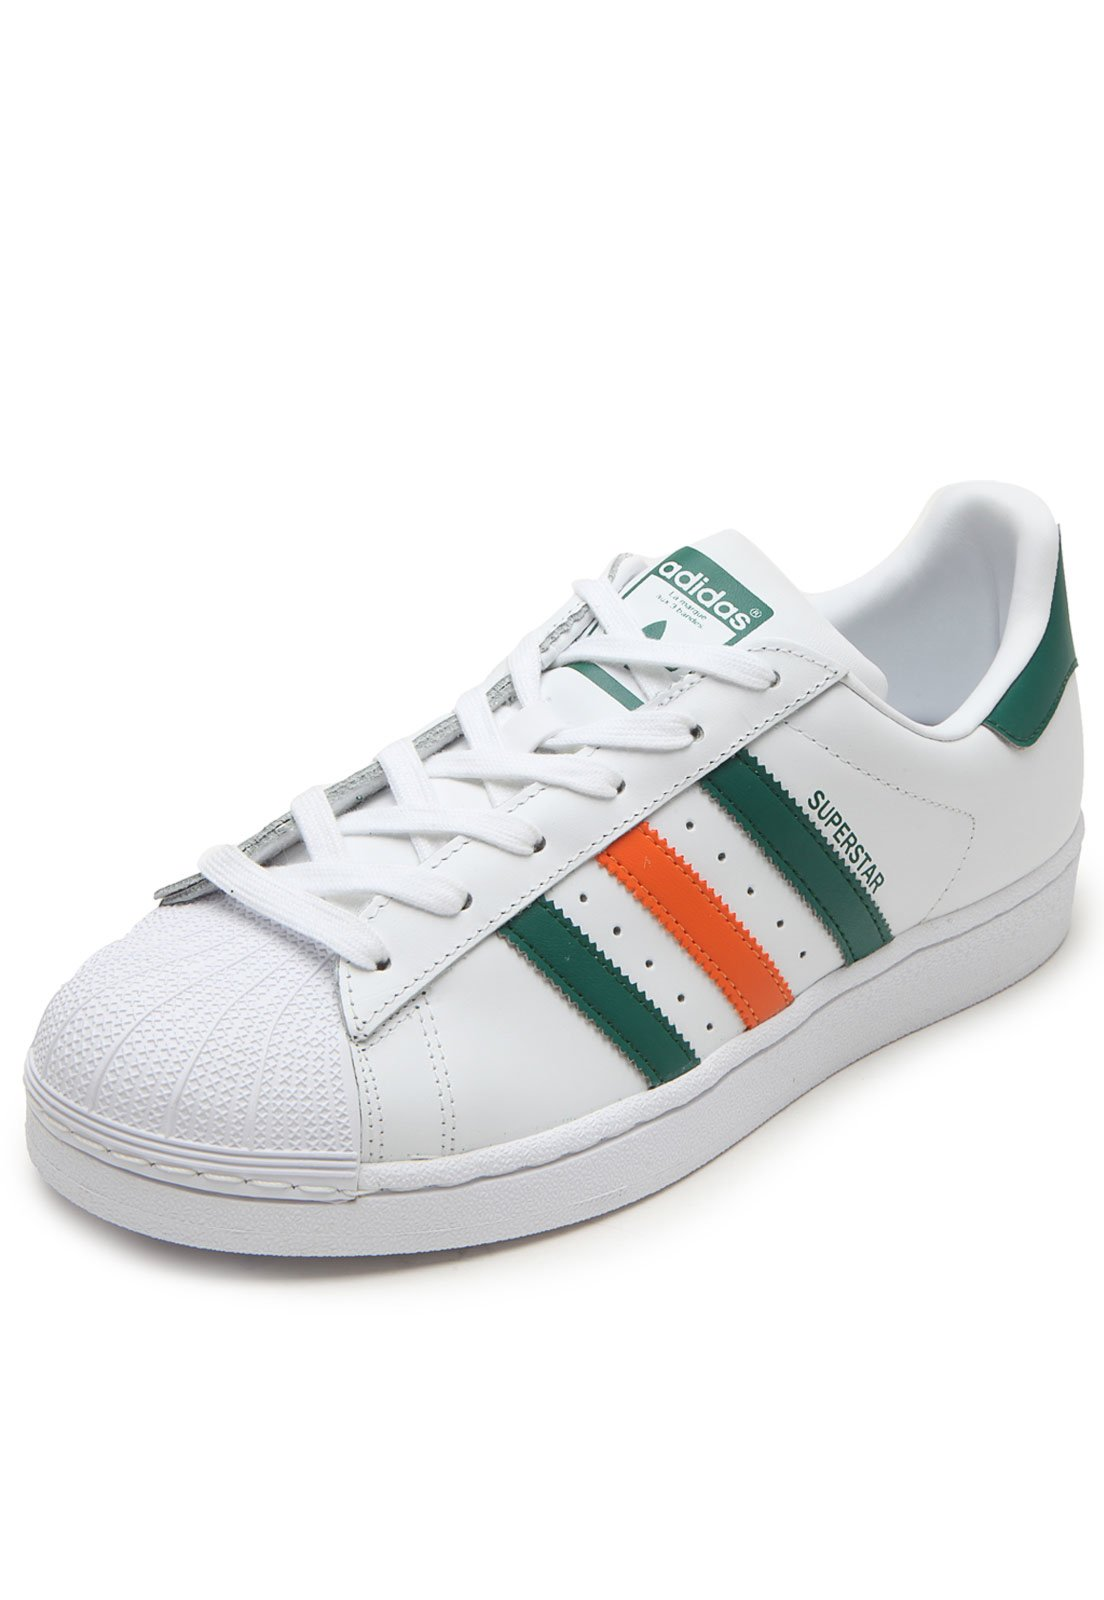 separation shoes 0fcdb 5d28f Tênis adidas Originals Superstar Foundation Branco - Compre Agora   Kanui  Brasil